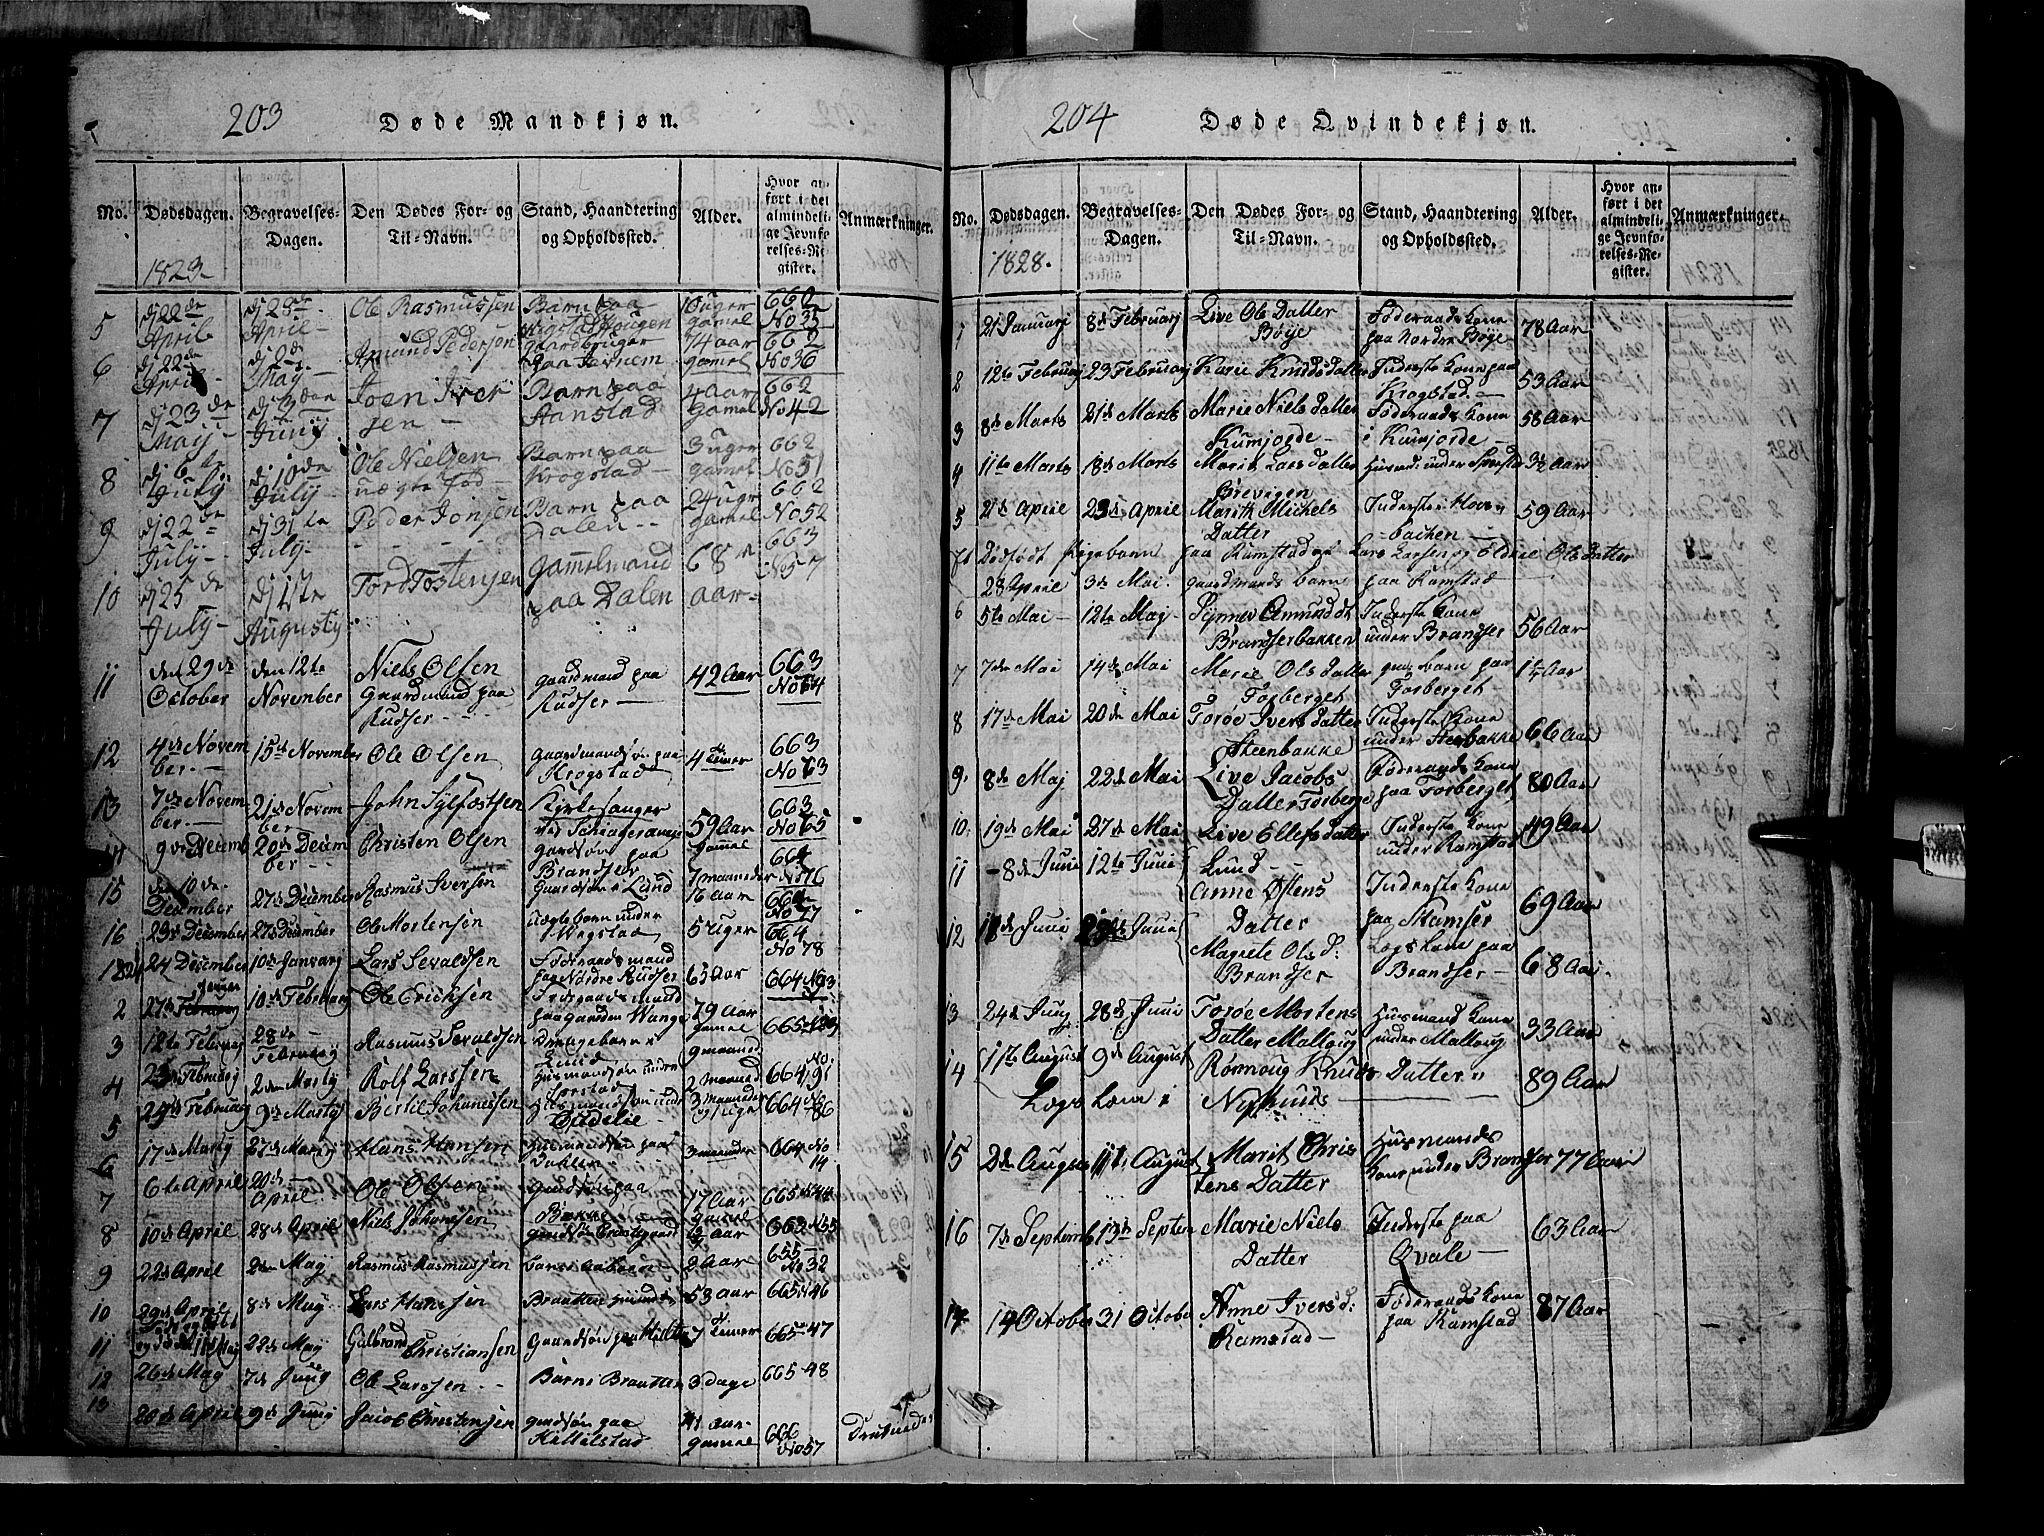 SAH, Lom prestekontor, L/L0003: Klokkerbok nr. 3, 1815-1844, s. 203-204